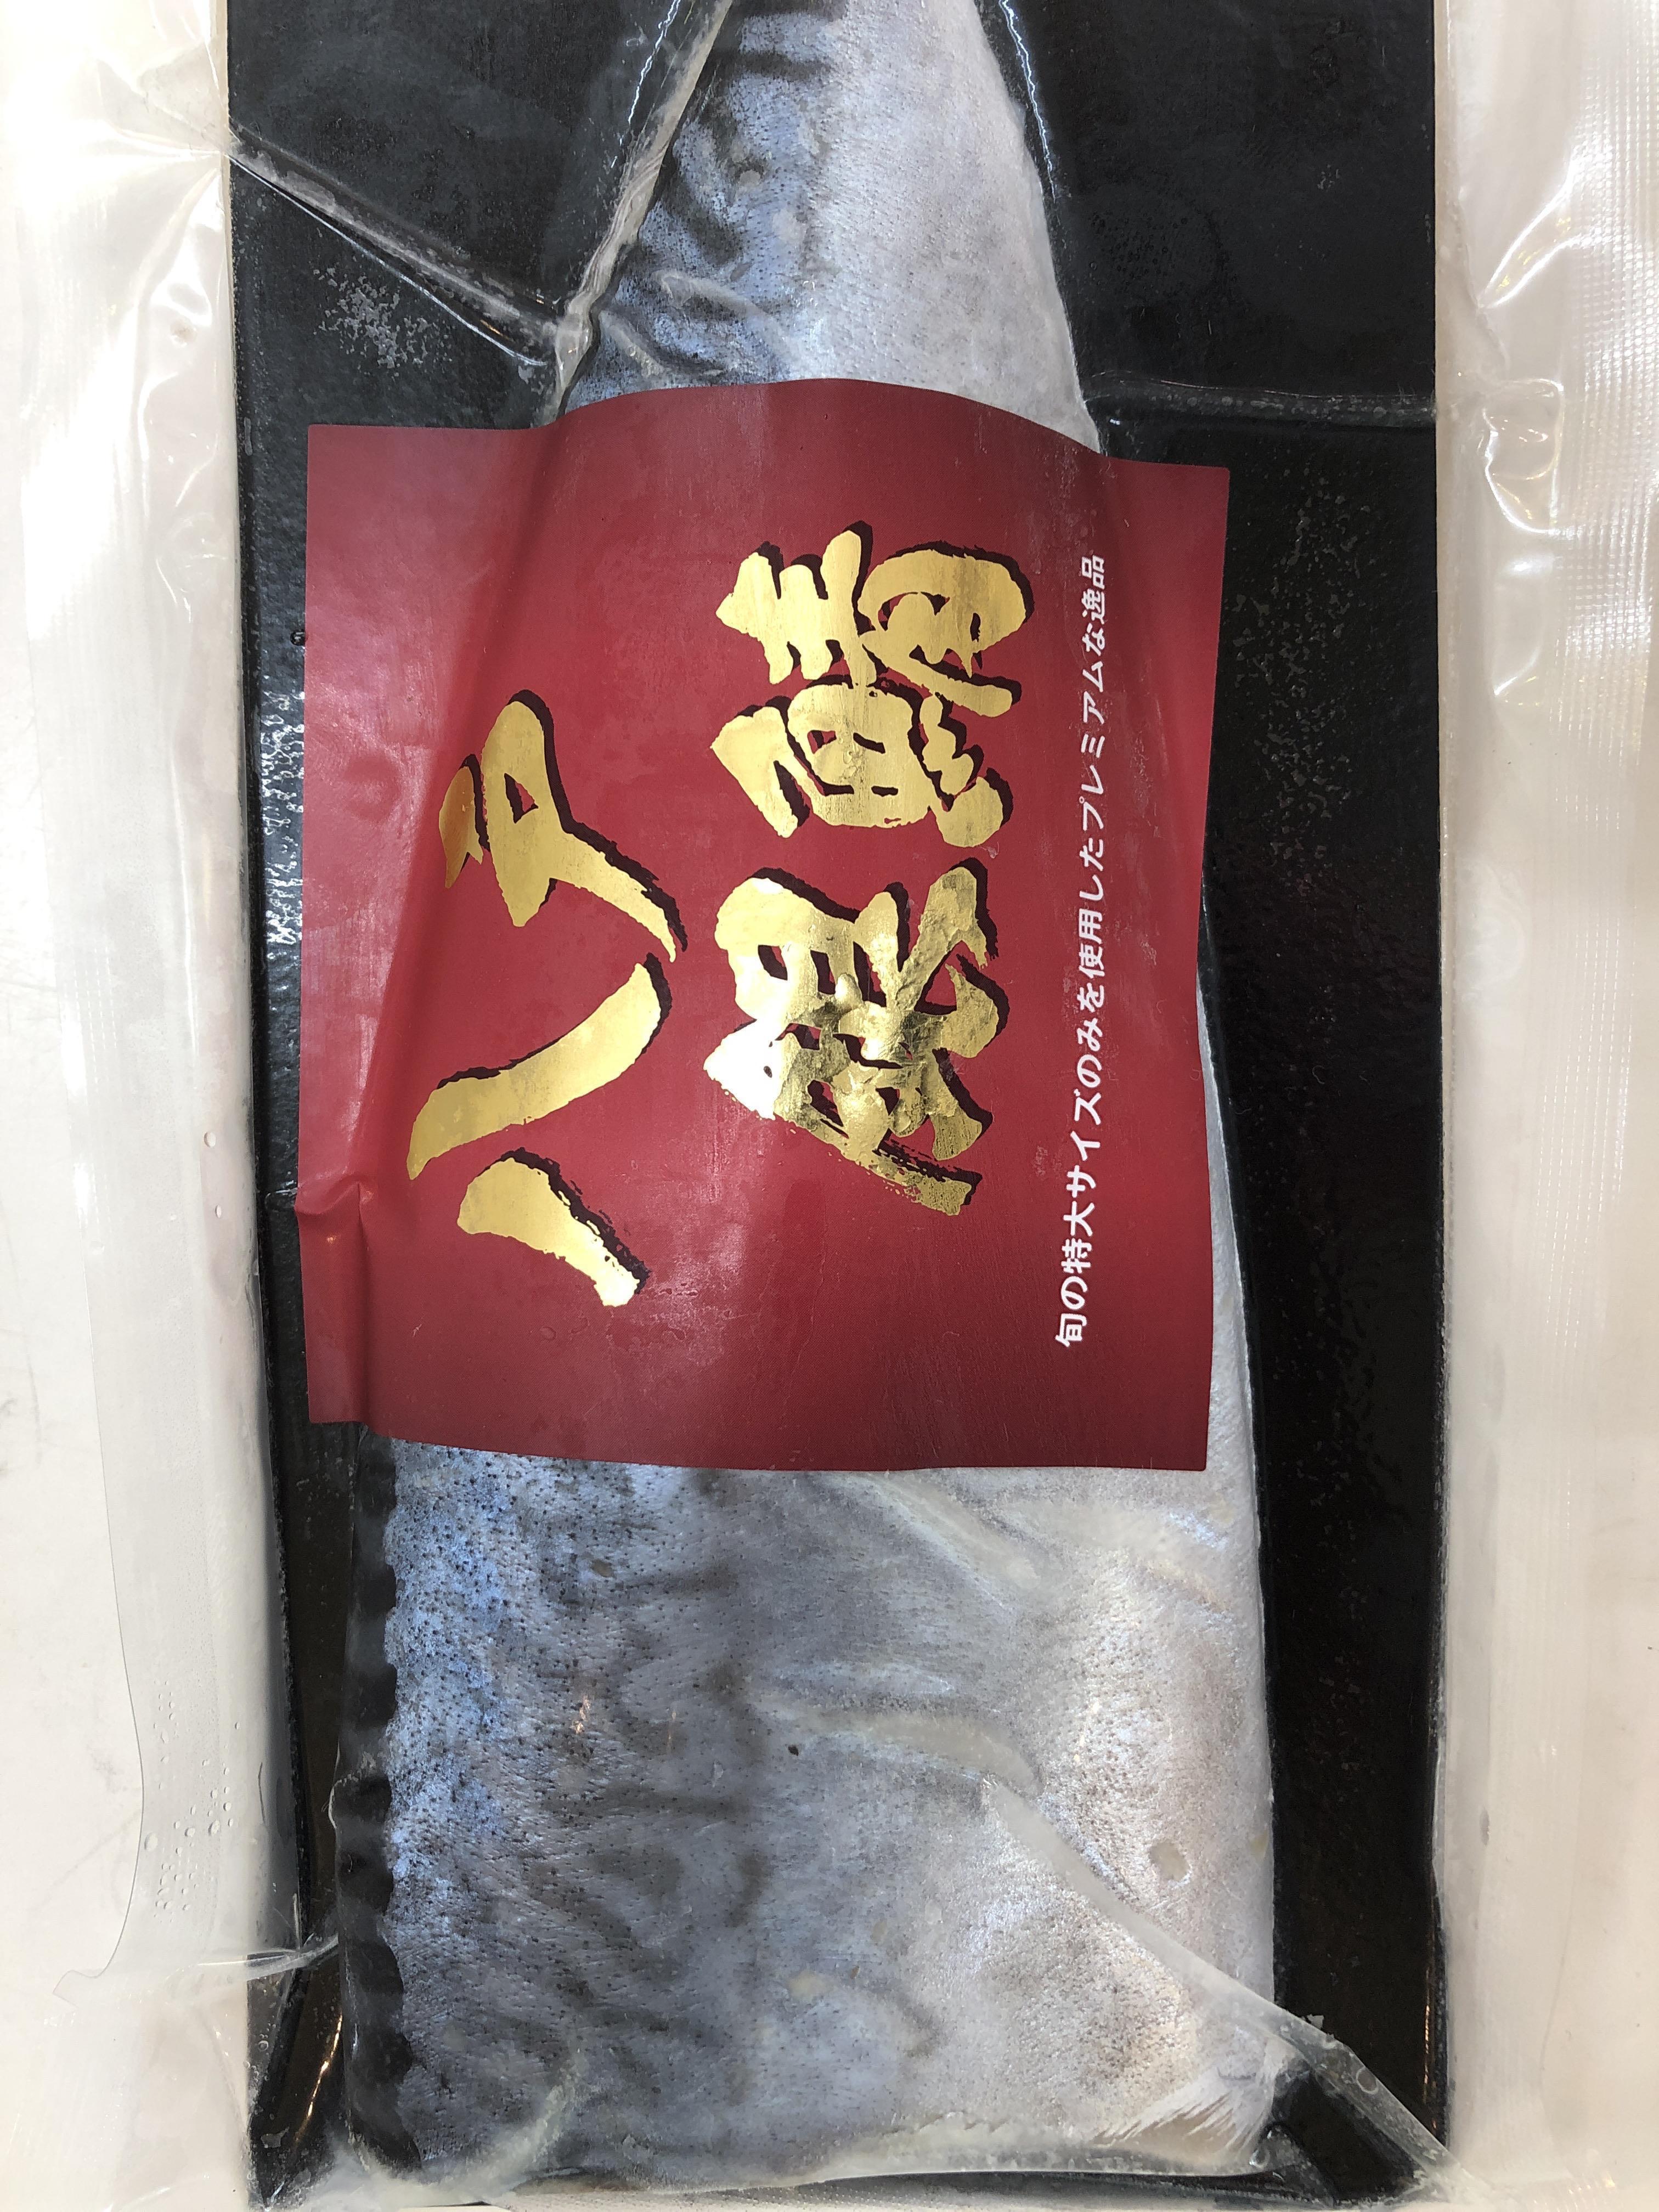 八戸銀鯖(〆鯖)入荷しました